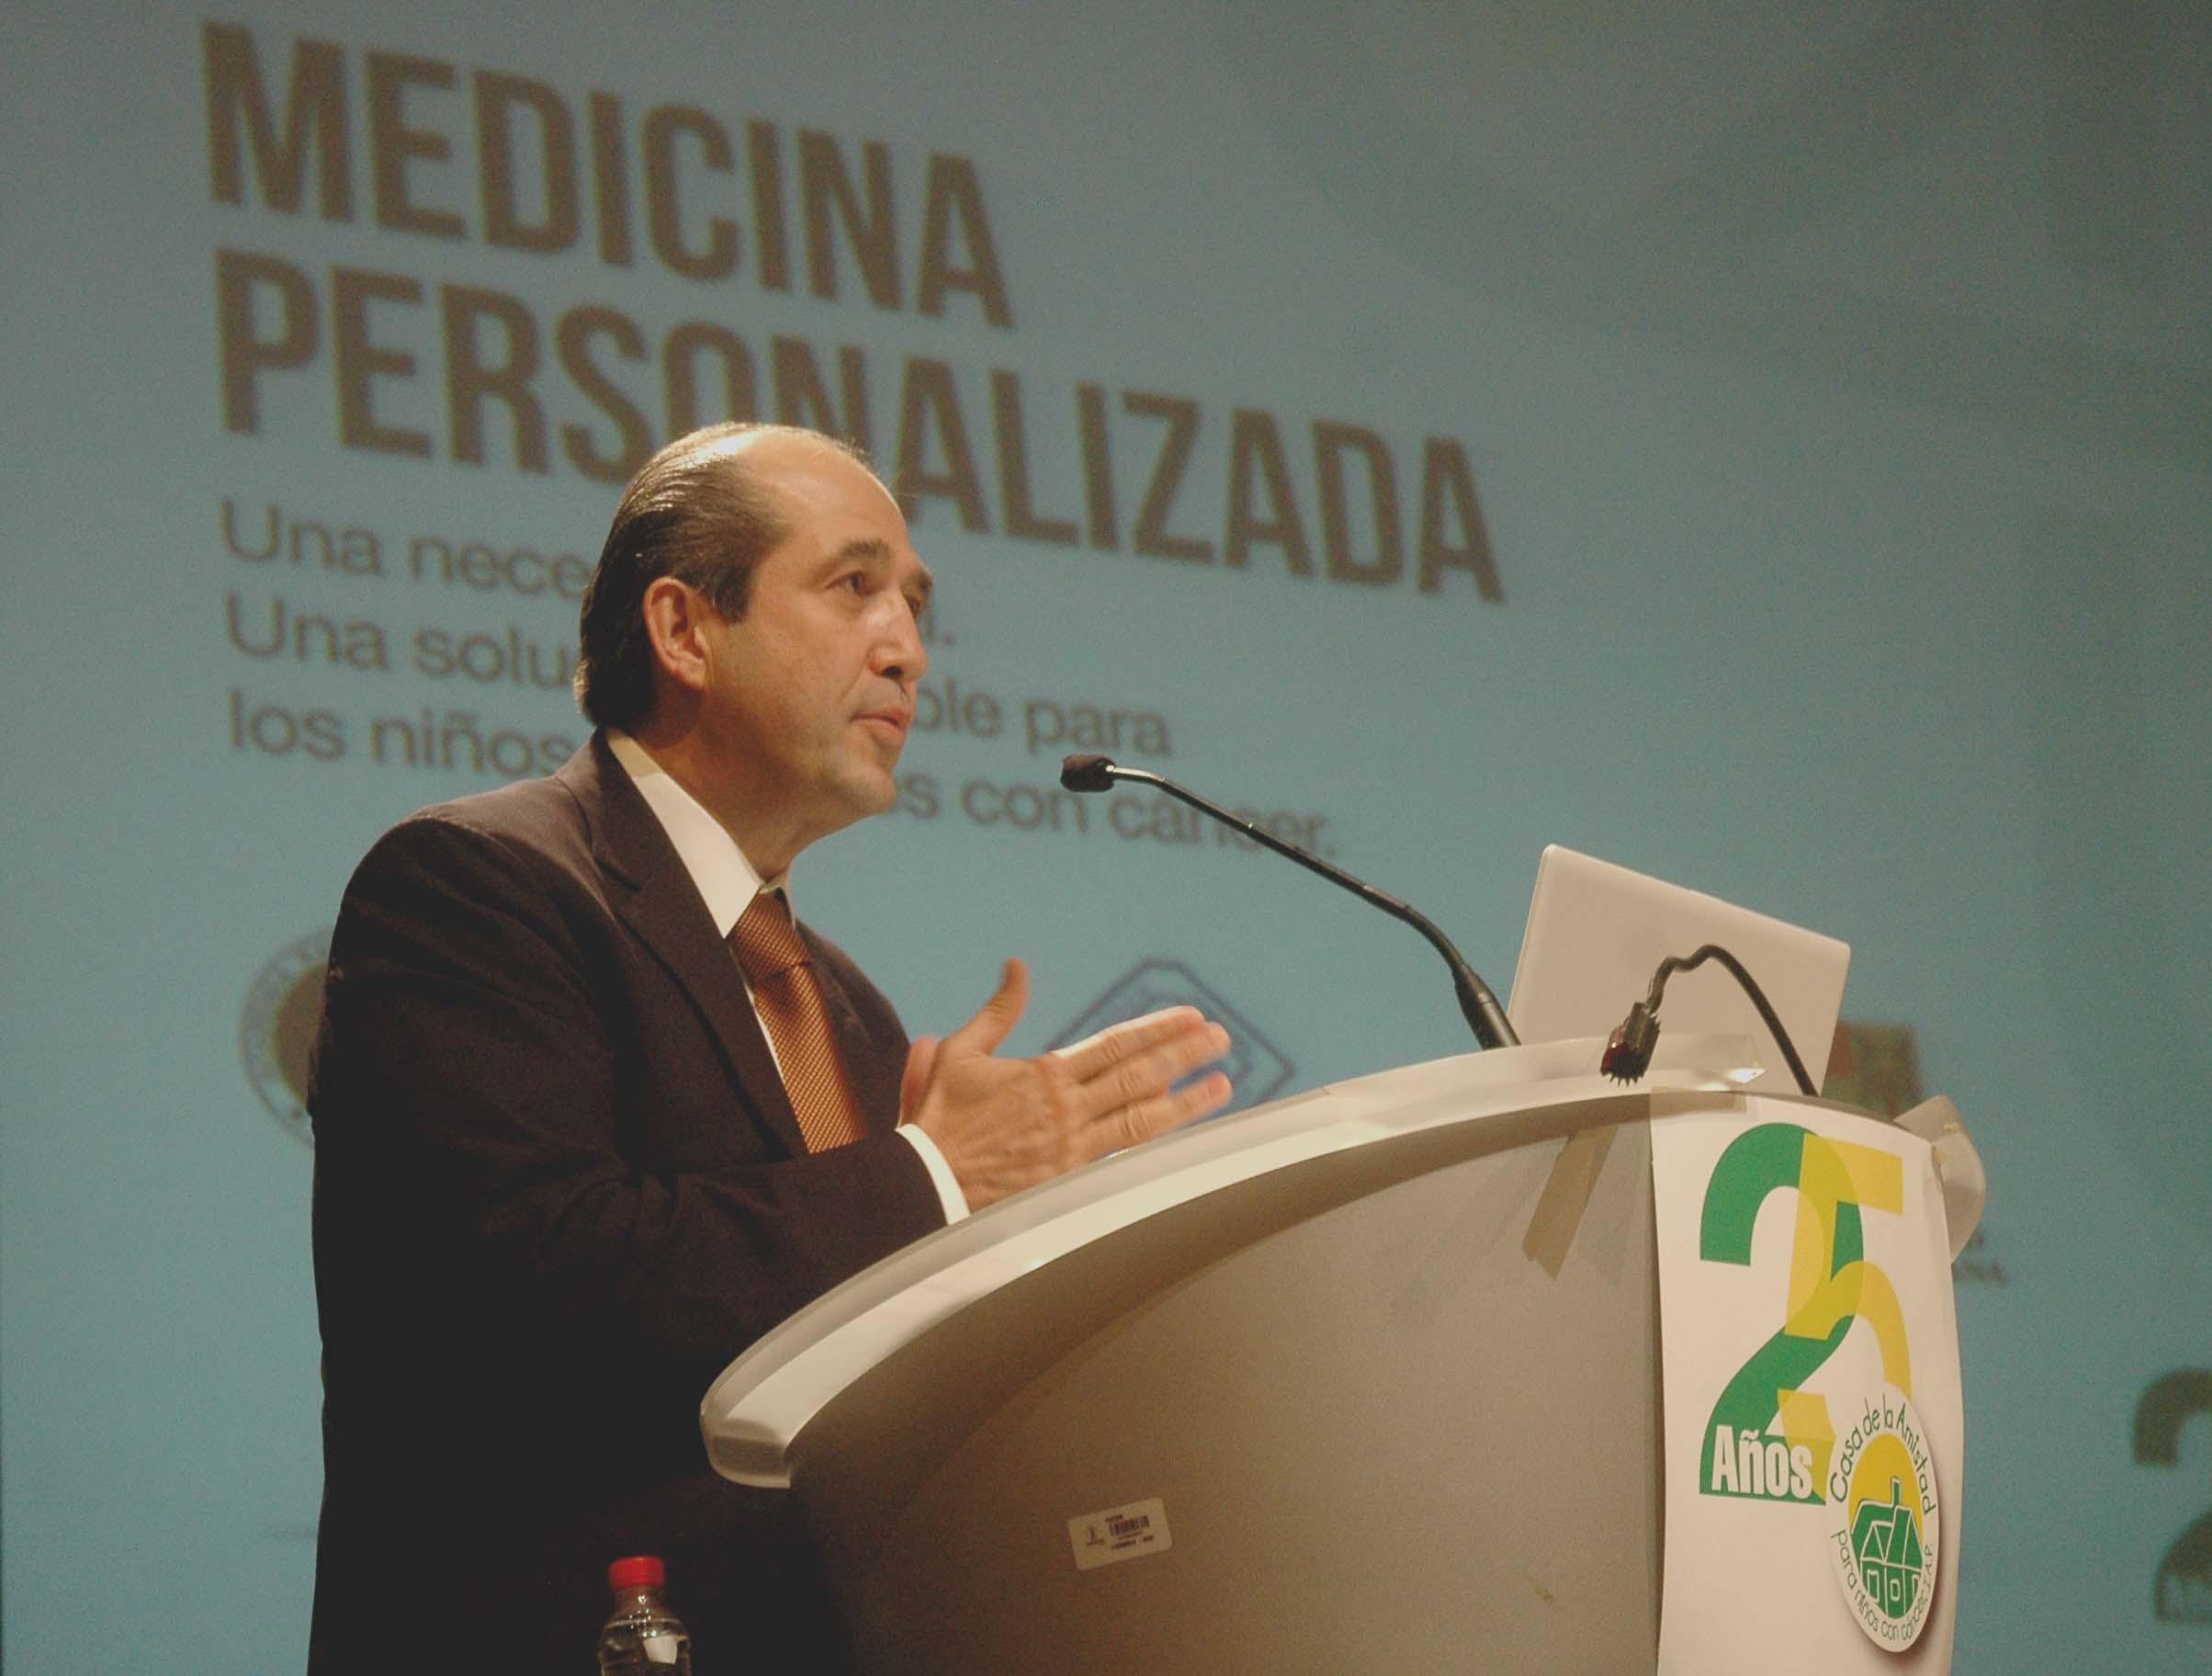 El Dr. Eduardo González Pier resaltó que el trabajo de la sociedad civil ha sido fundamental para apoyar a los pacientes y sus familiares.